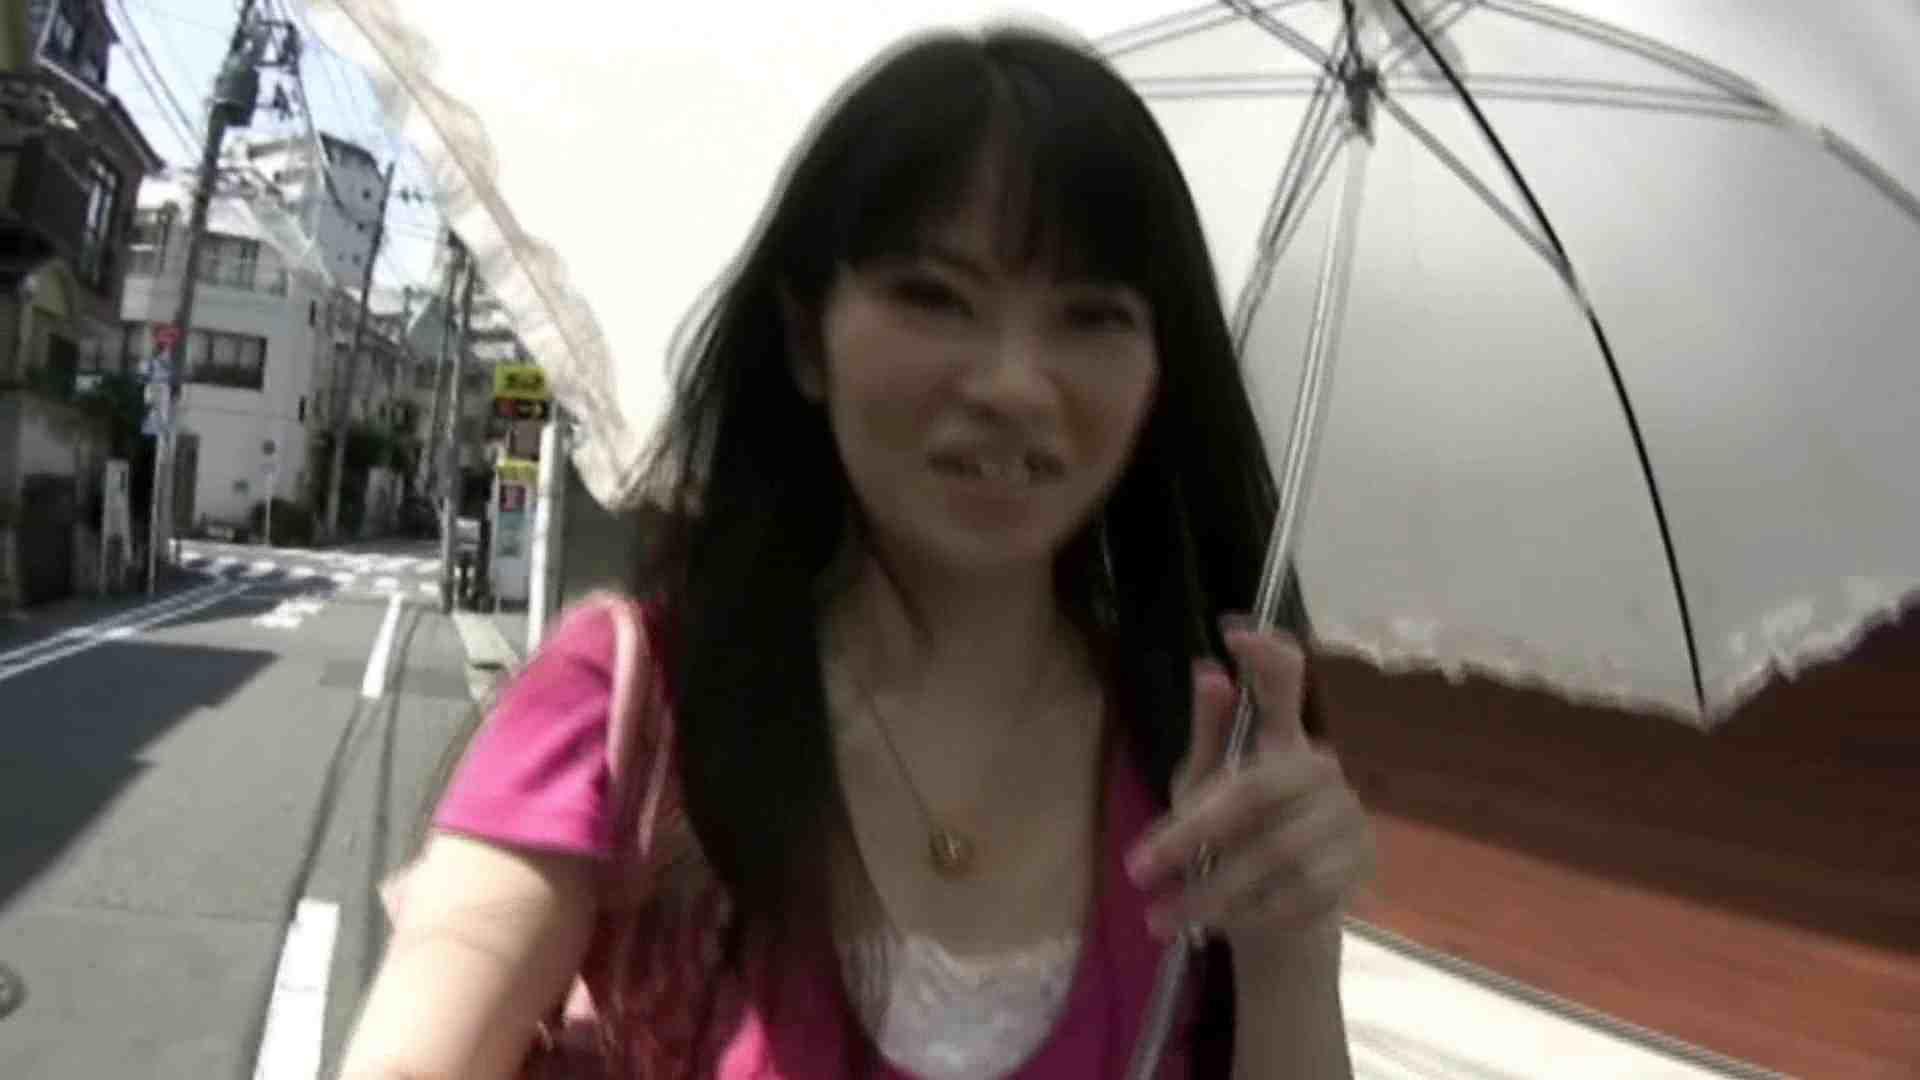 素人ナンパ本番撮り!出会い系でGET!Vol.06 ホテル ワレメ動画紹介 101pic 20